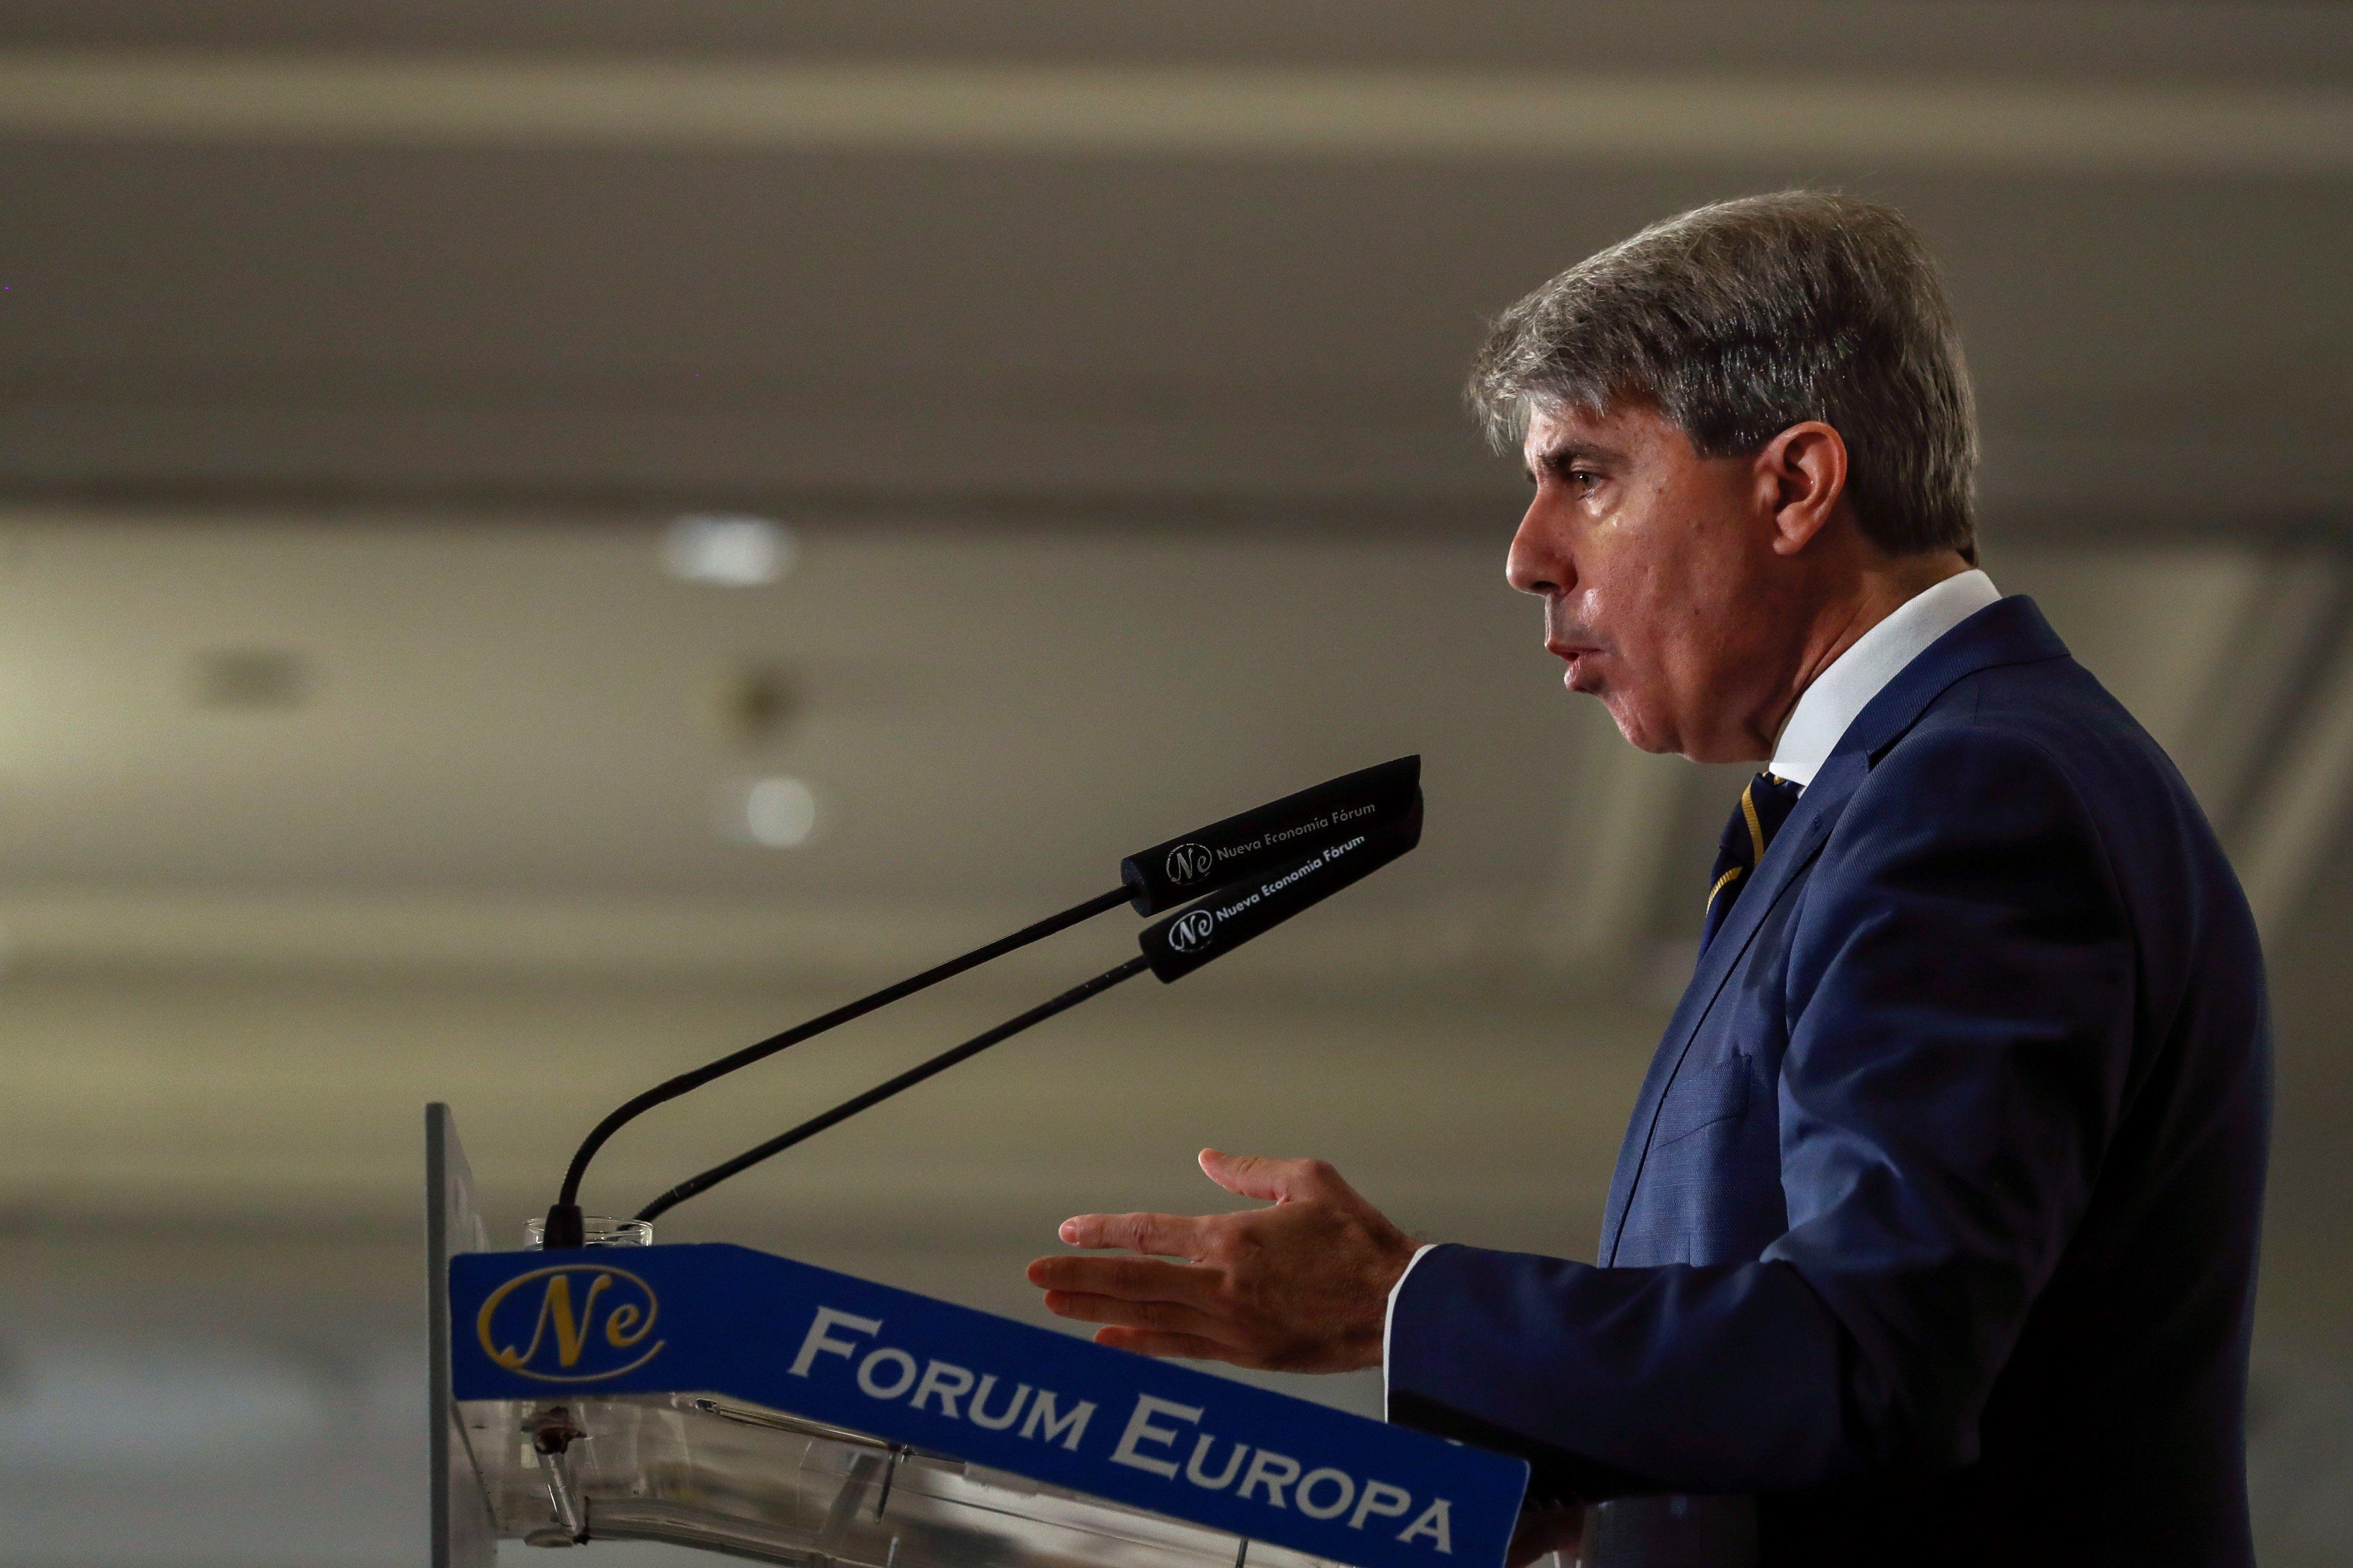 El presidente de la unidad de Madrid ngel Garrido en una imagen de archivo